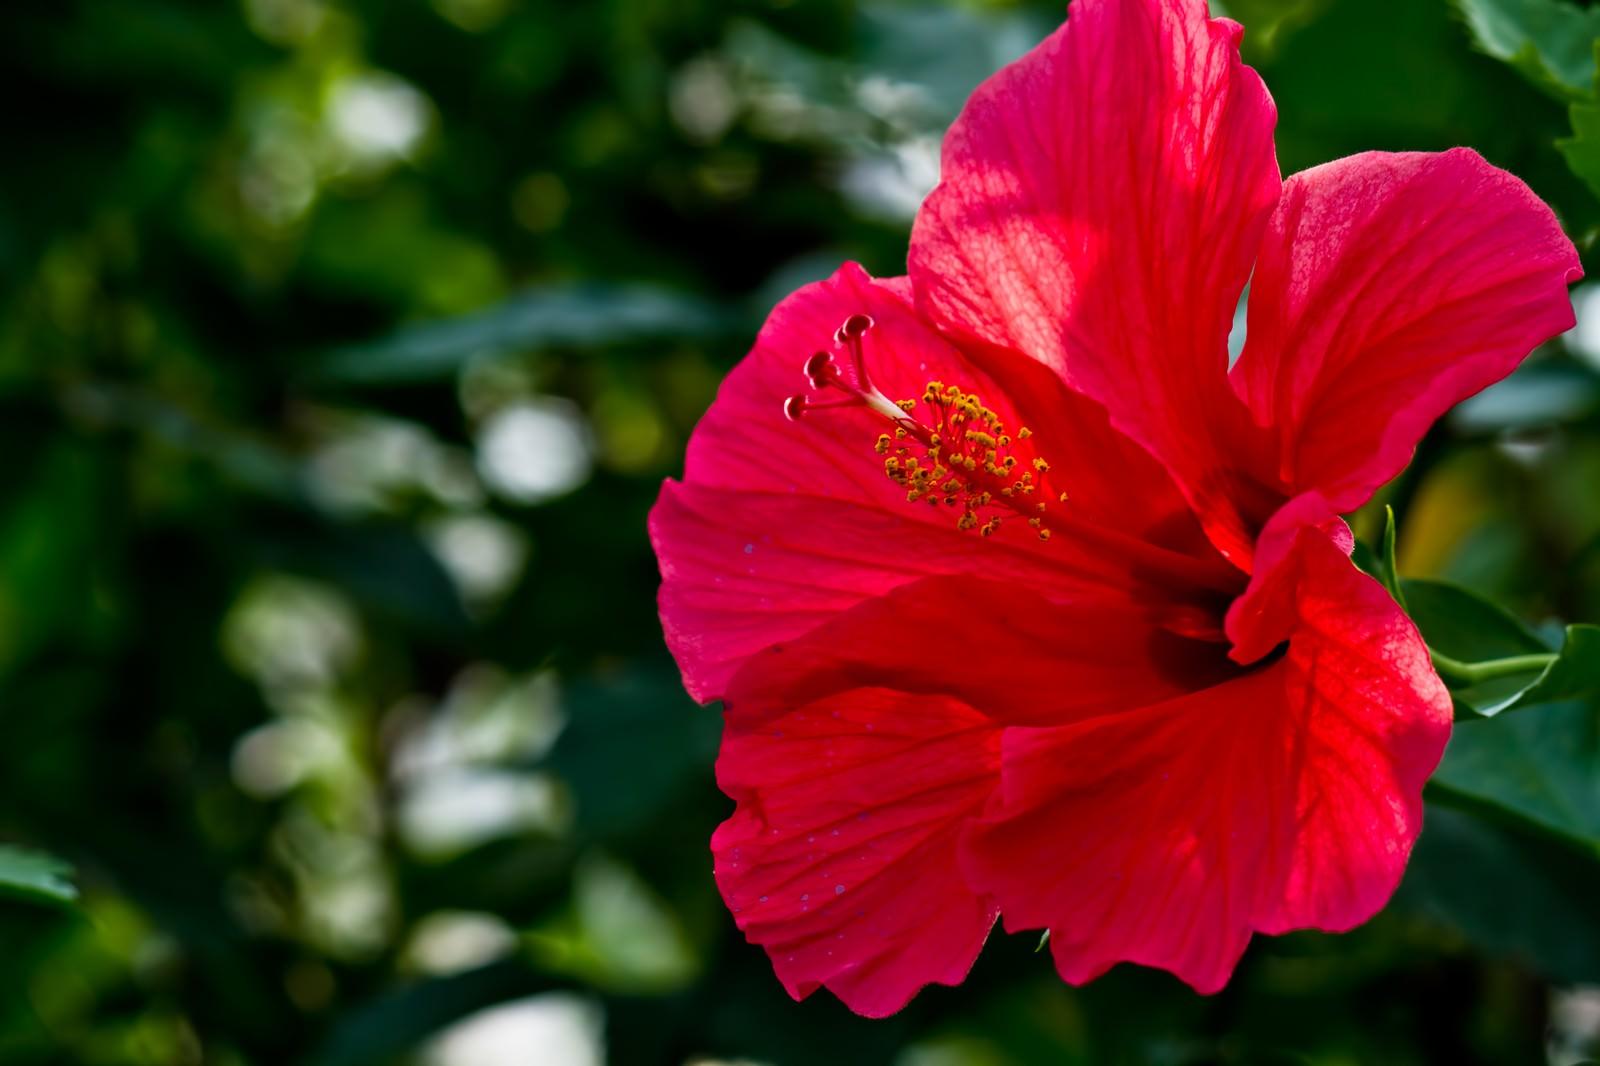 「赤いハイビスカスの花」の写真